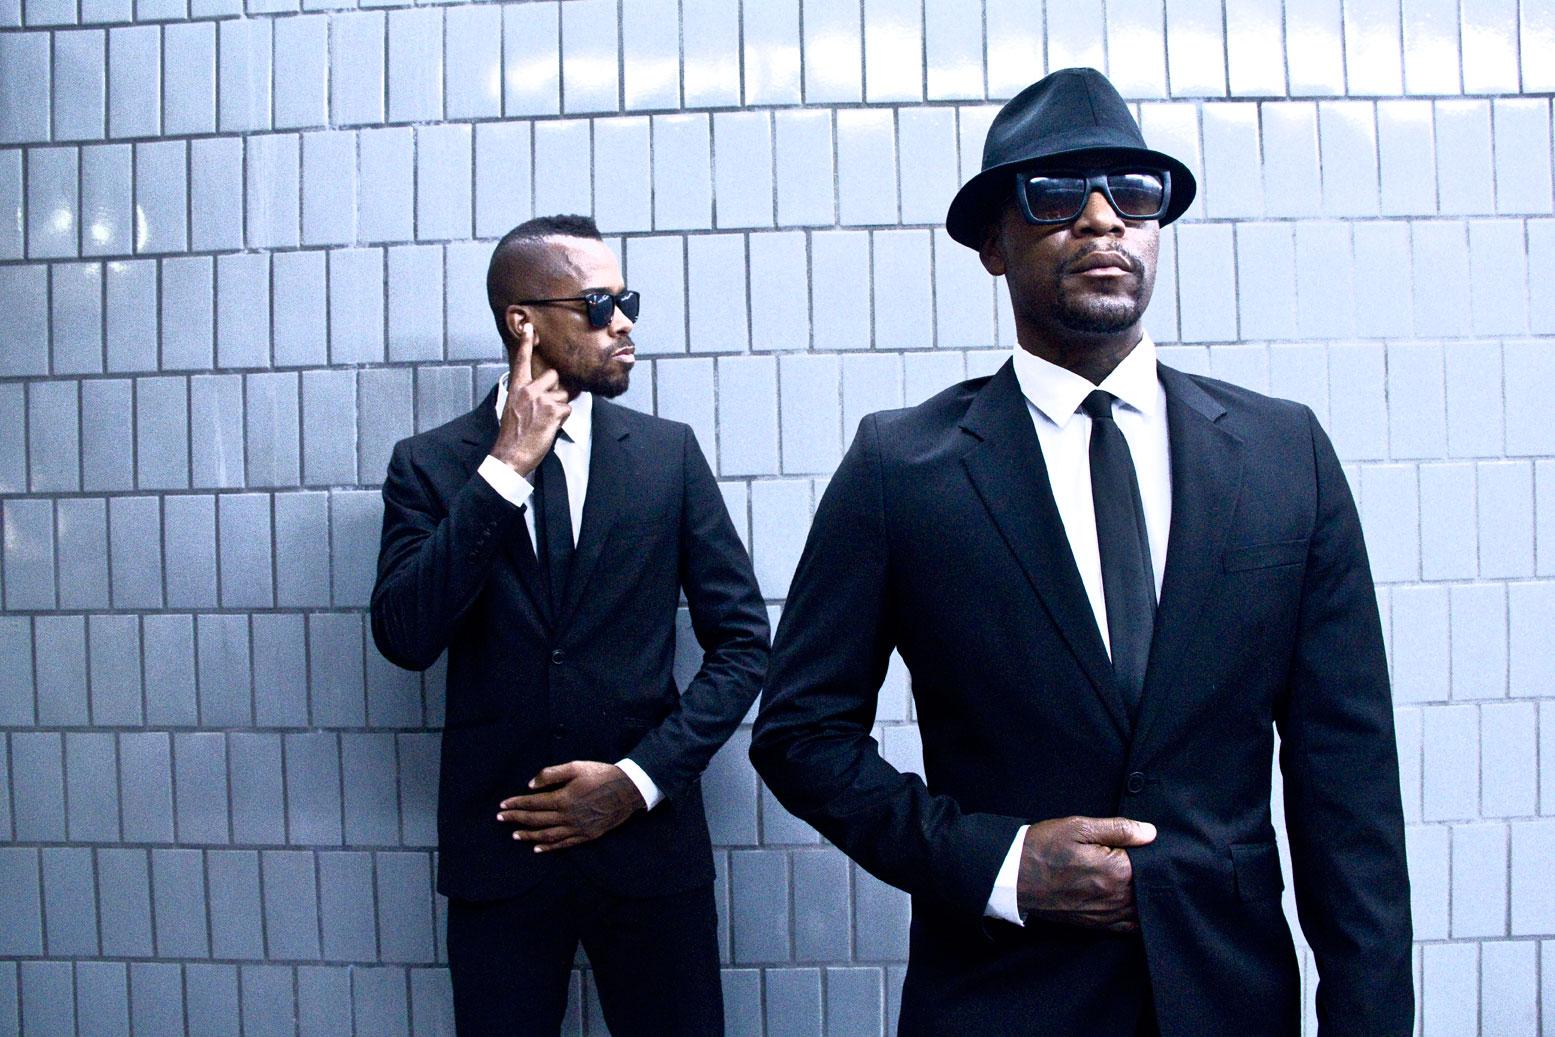 Dead Prez, ein Hip-Hop-Duo mit politischem Conscious-Rap aus den USA